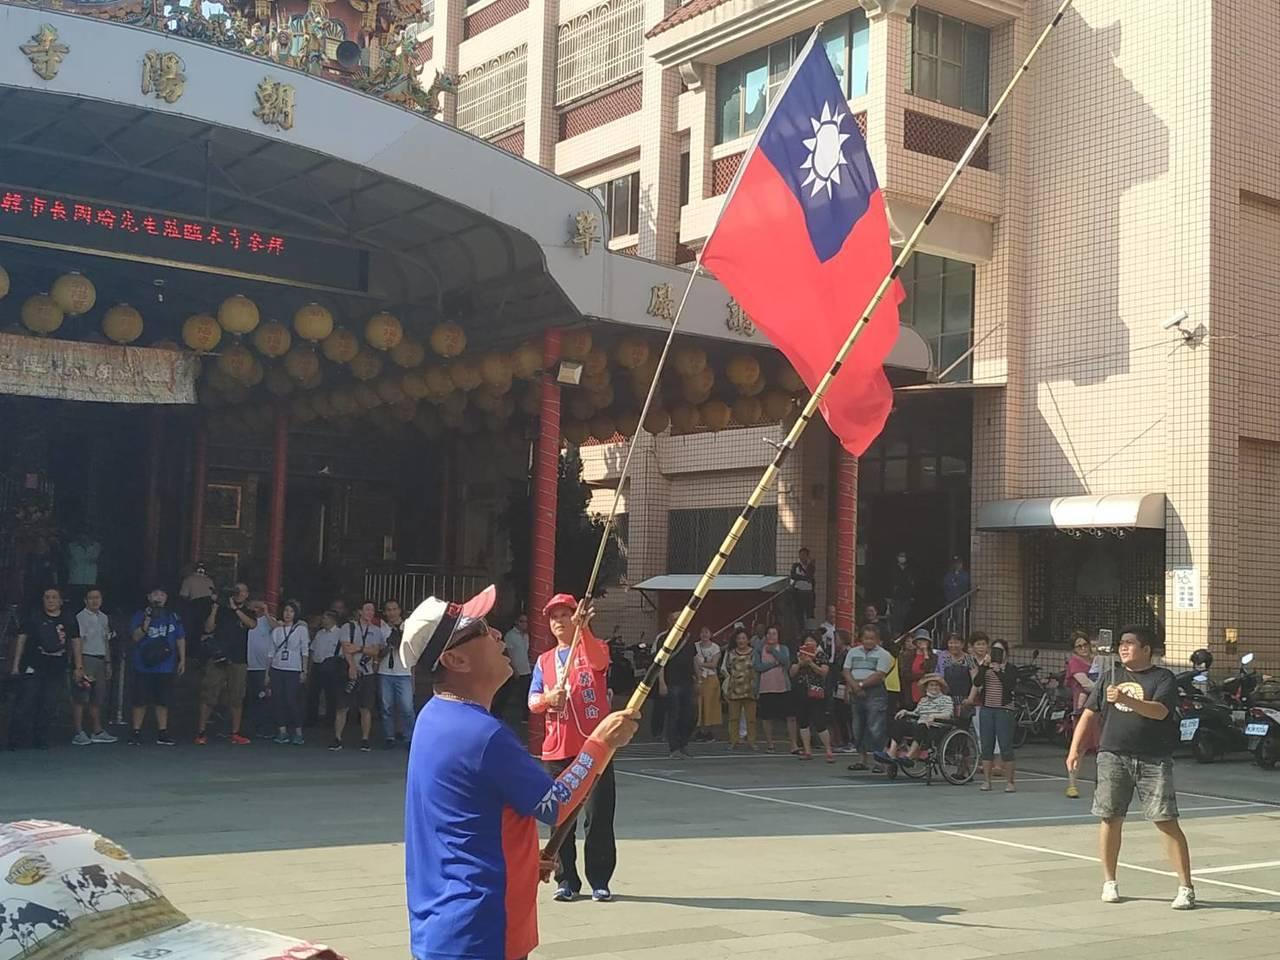 高雄市長韓國瑜請益之旅,今下午到前鎮朝陽寺參拜,韓到場前就有大批身著國旗裝的民眾...